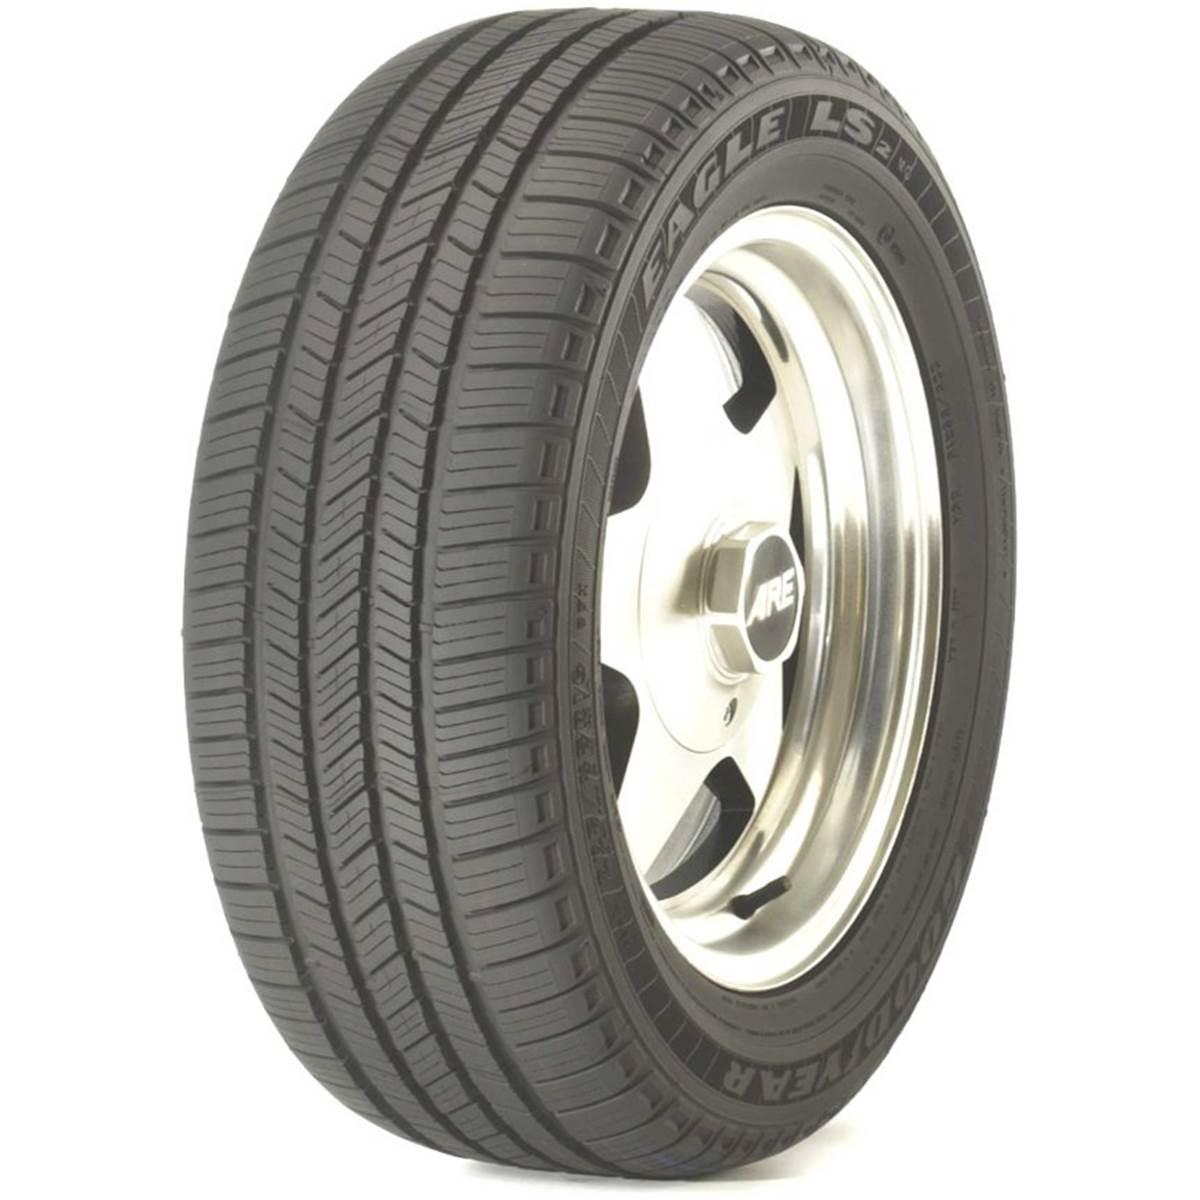 Comparer les prix des pneus Goodyear Eagle LS2